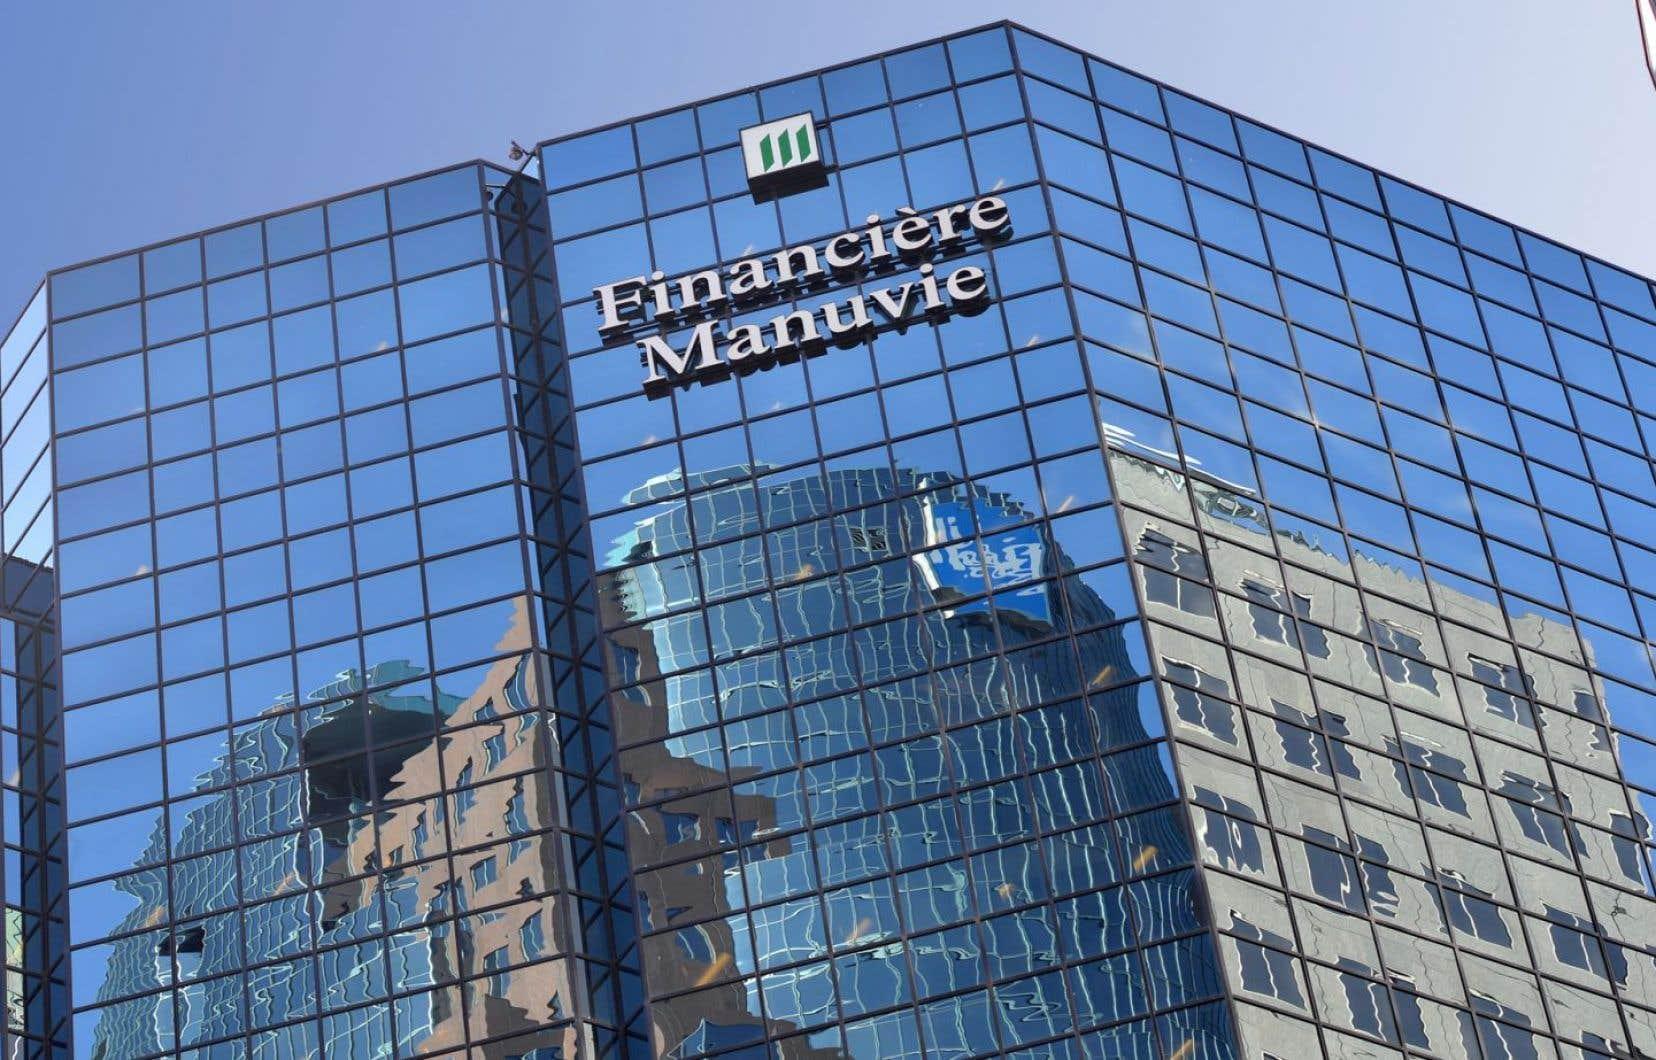 Manuvie a diffusé lundi une déclaration affirmant qu'aucune preuve ne permettait de dire que les infractions administratives à la Banque Manuvie aient été liées à des fautes financières.